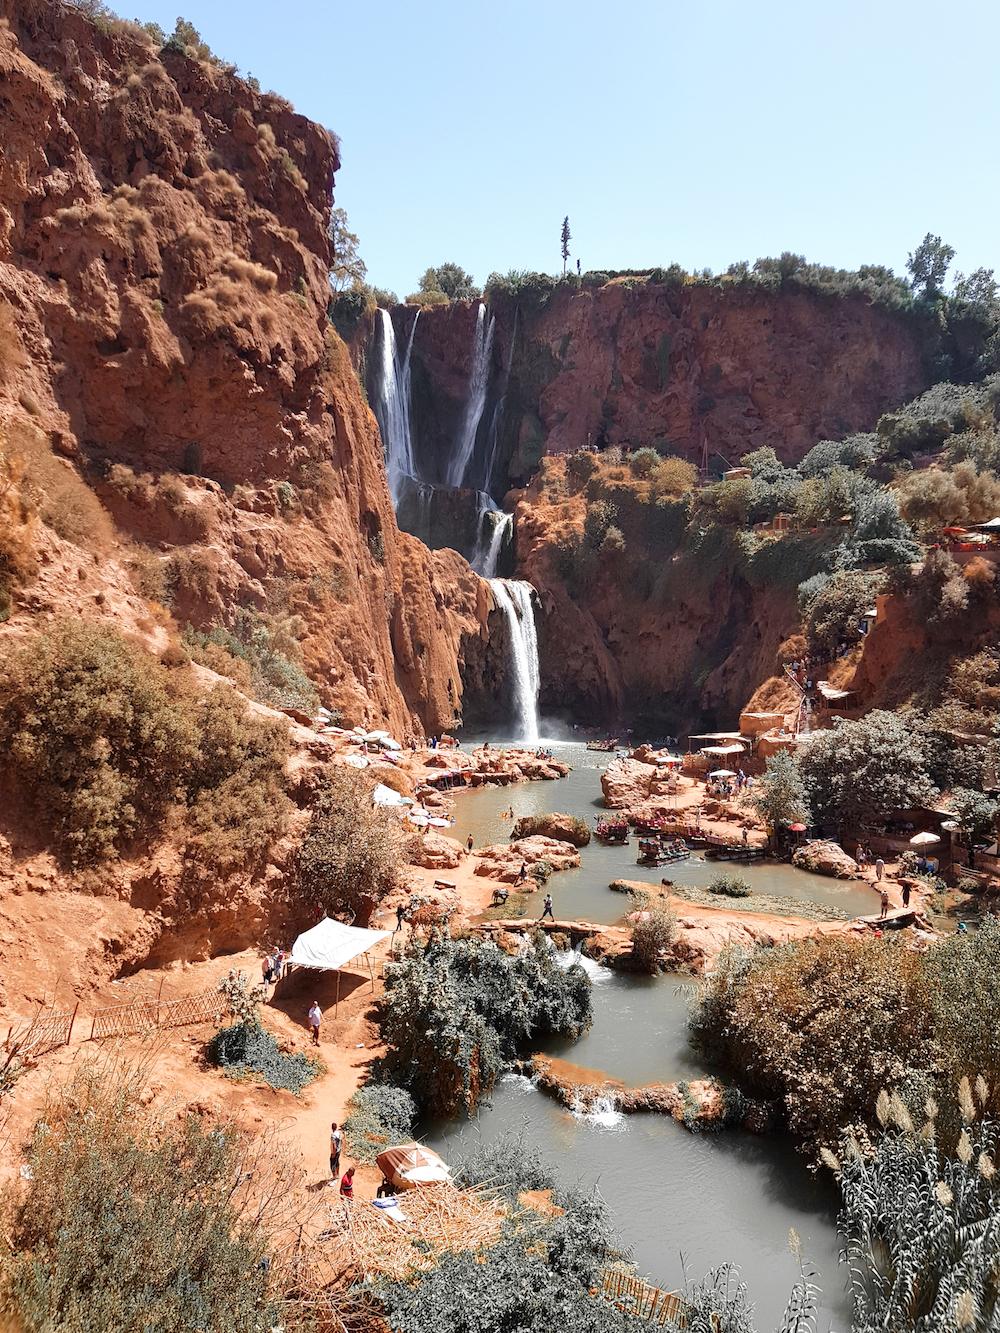 Marokko-Travel-Diary  - Ouzoud Wasserfälle